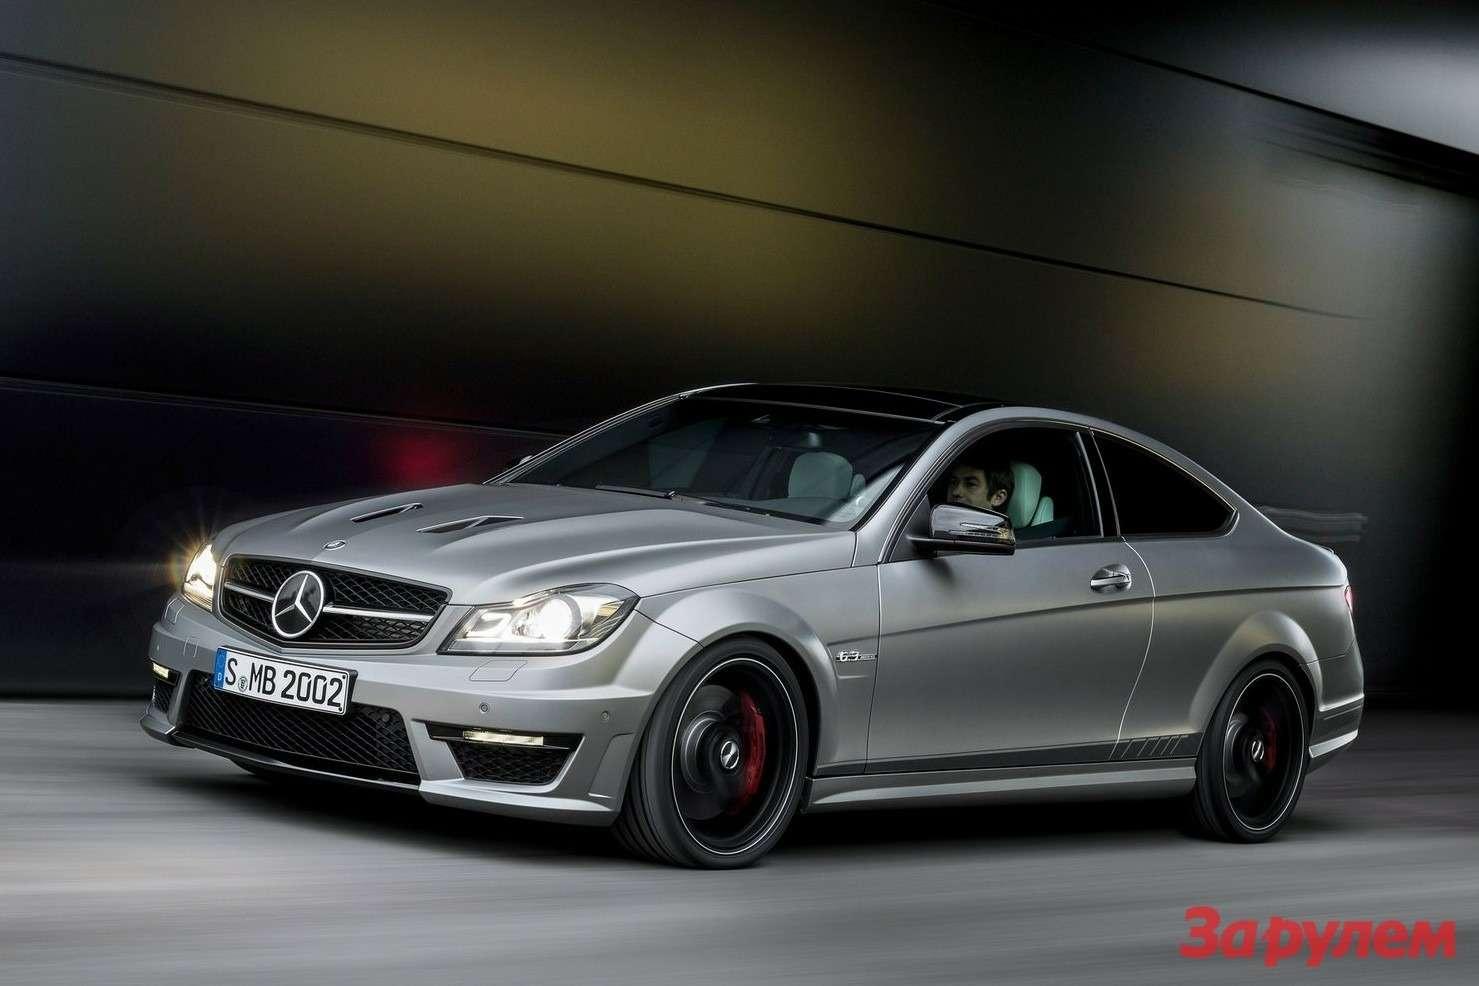 Mercedes-Benz-C63_AMG_Edition_507_2014_1600x1200_wallpaper_01